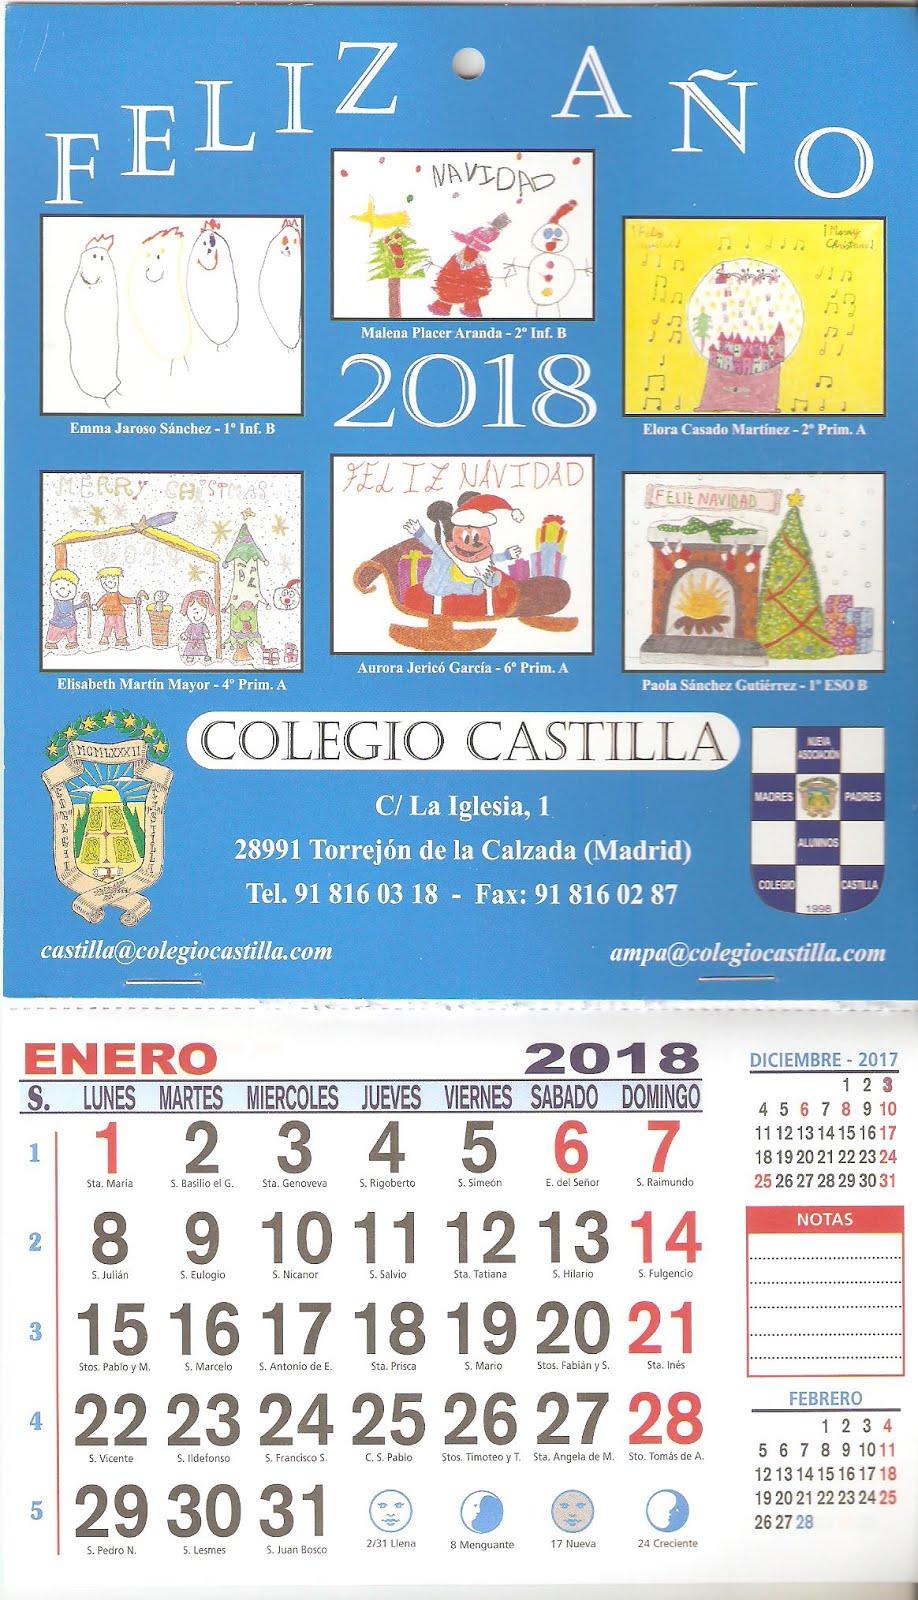 Calendario Navideño 2018 con los Christmas ganadores del concurso